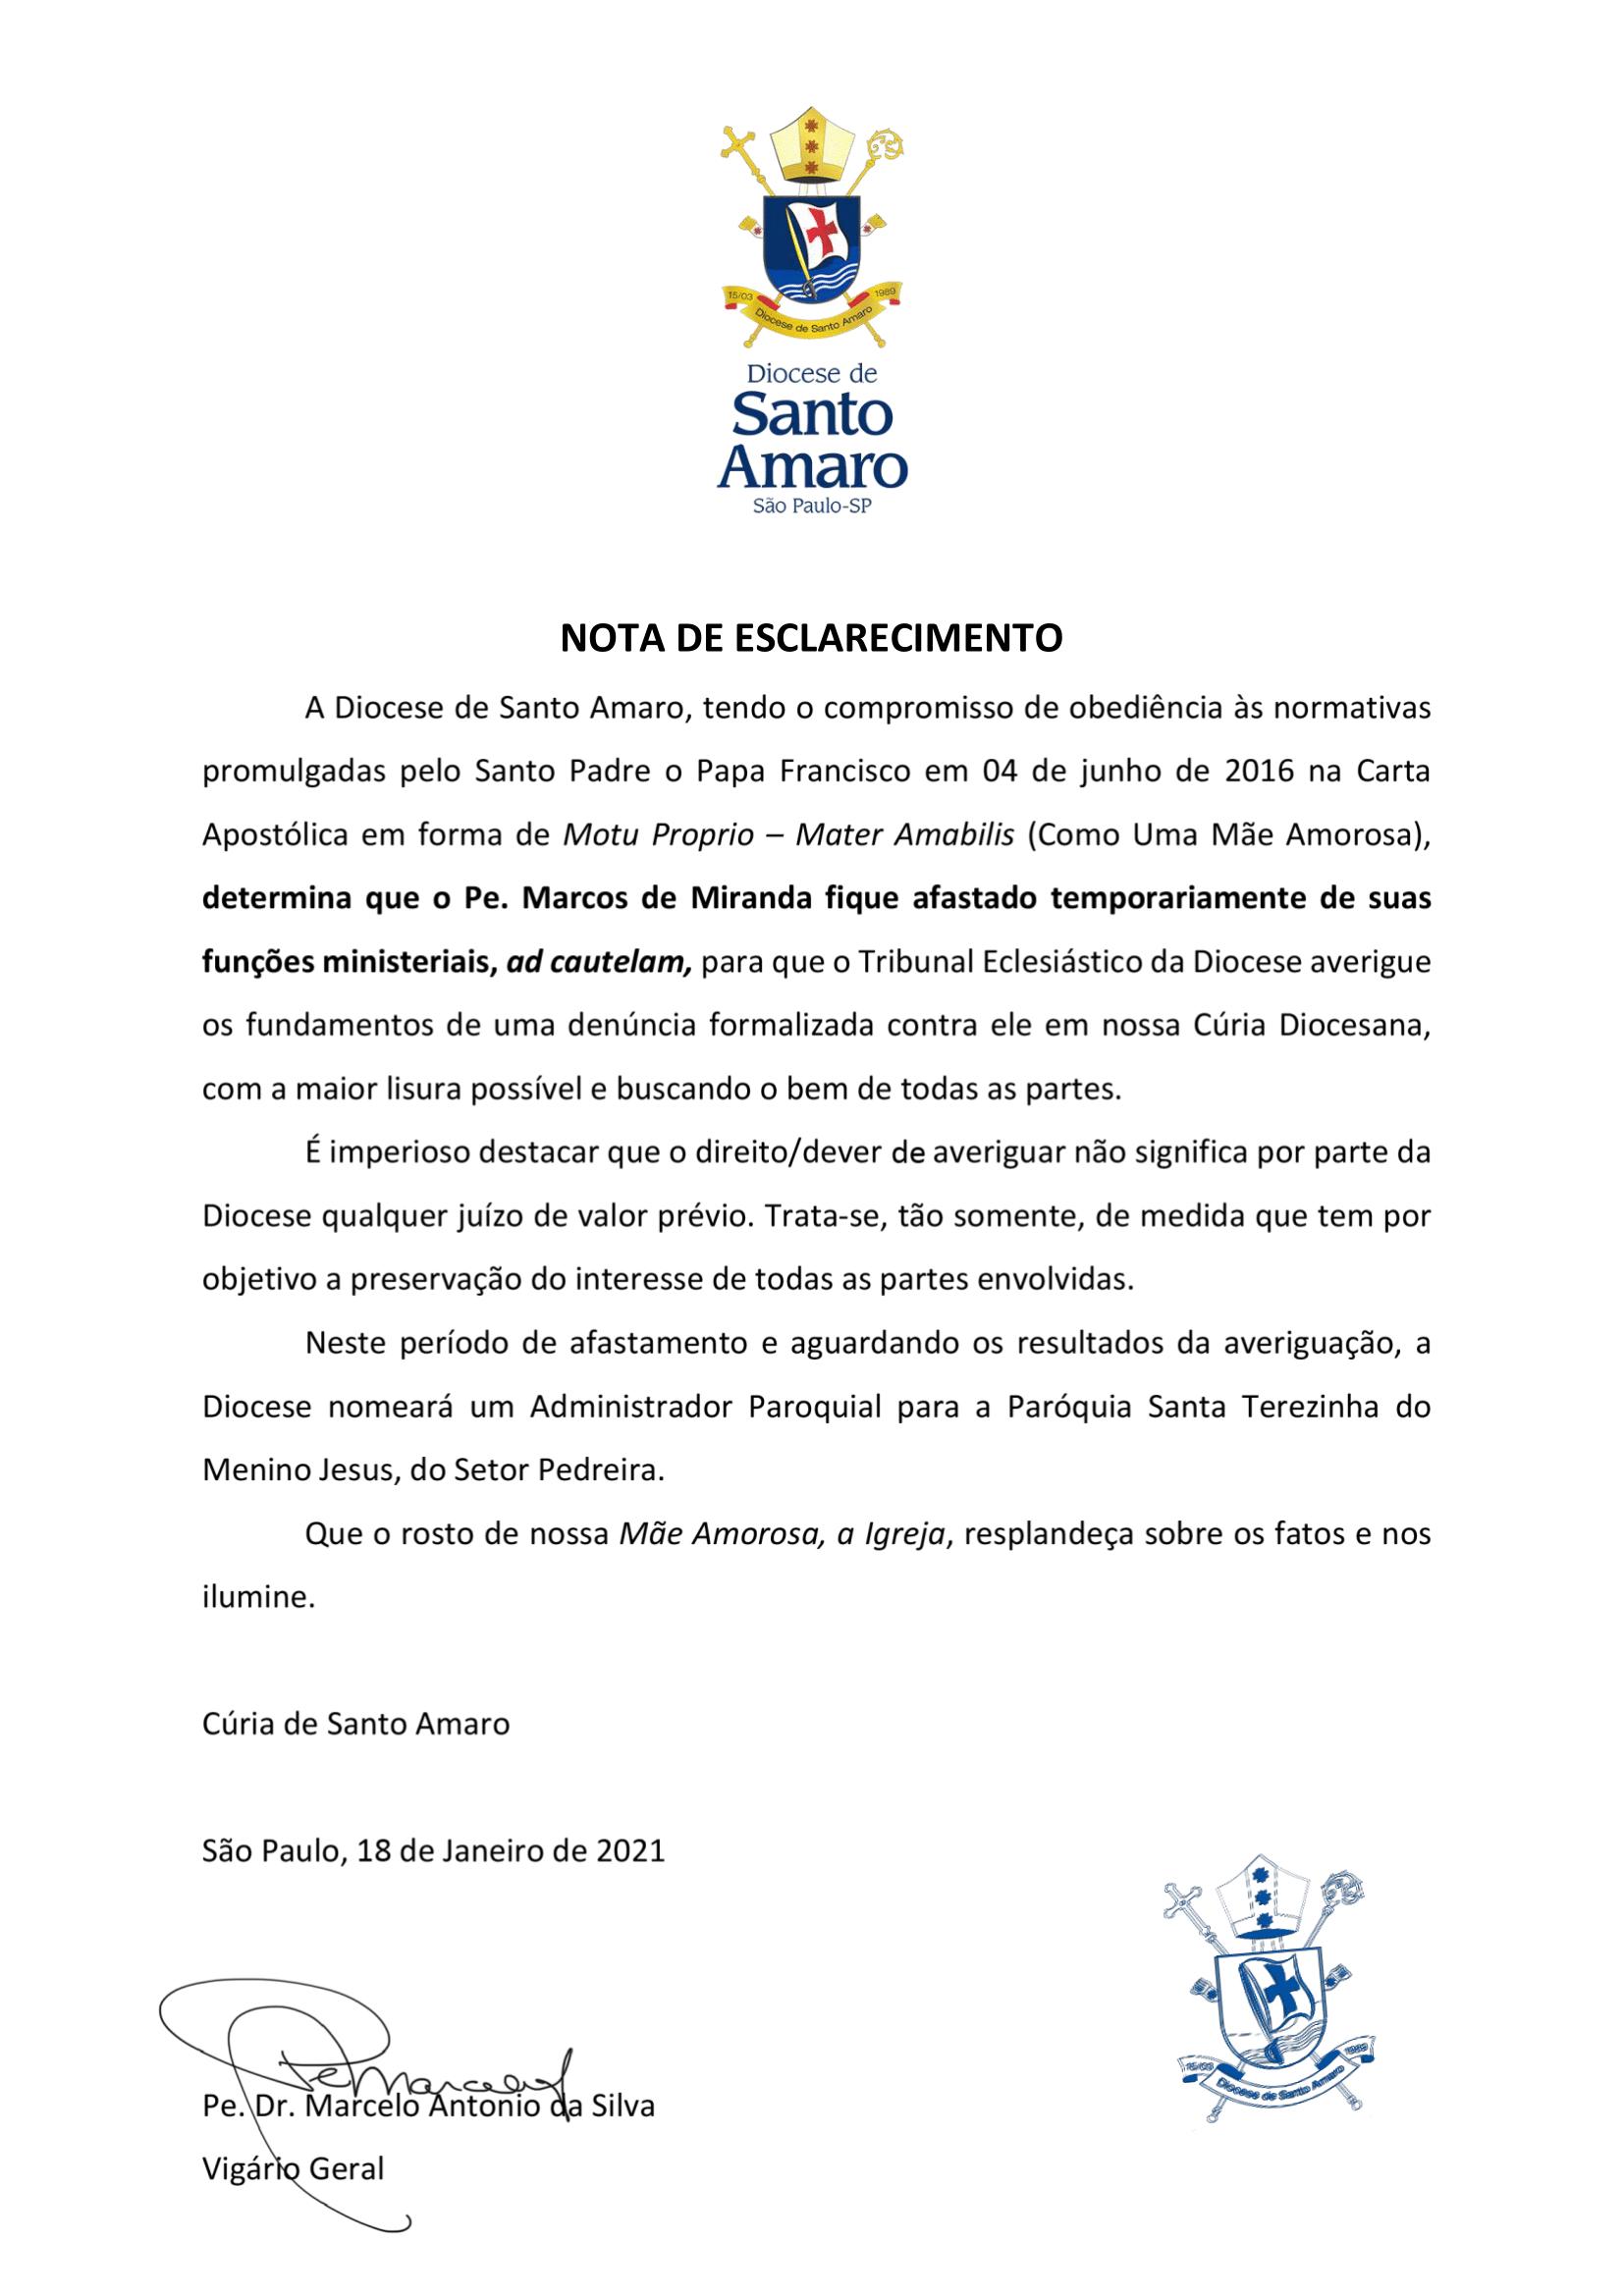 NOTA DE ESCLARECIMENTO-1